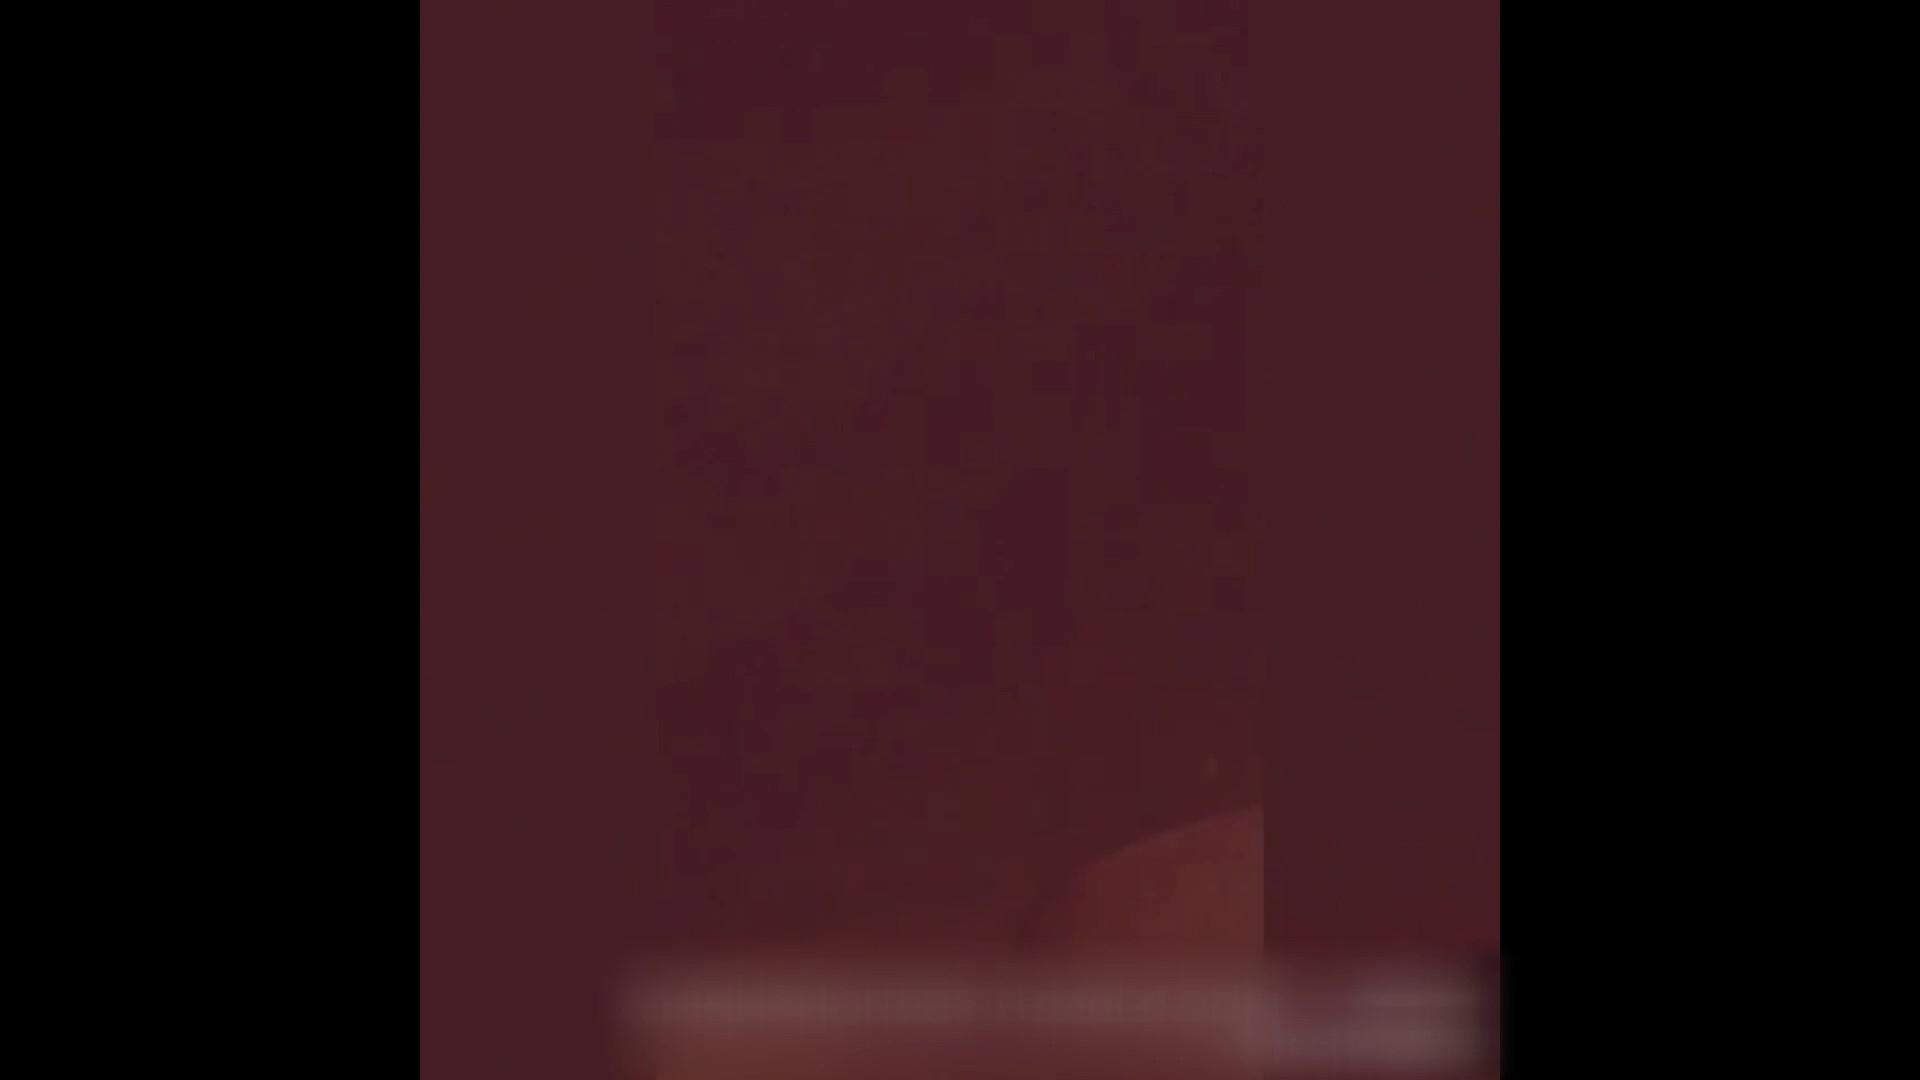 エロいフェラシーンをピックアップvol44 男祭り | フェラ天国  79枚 55